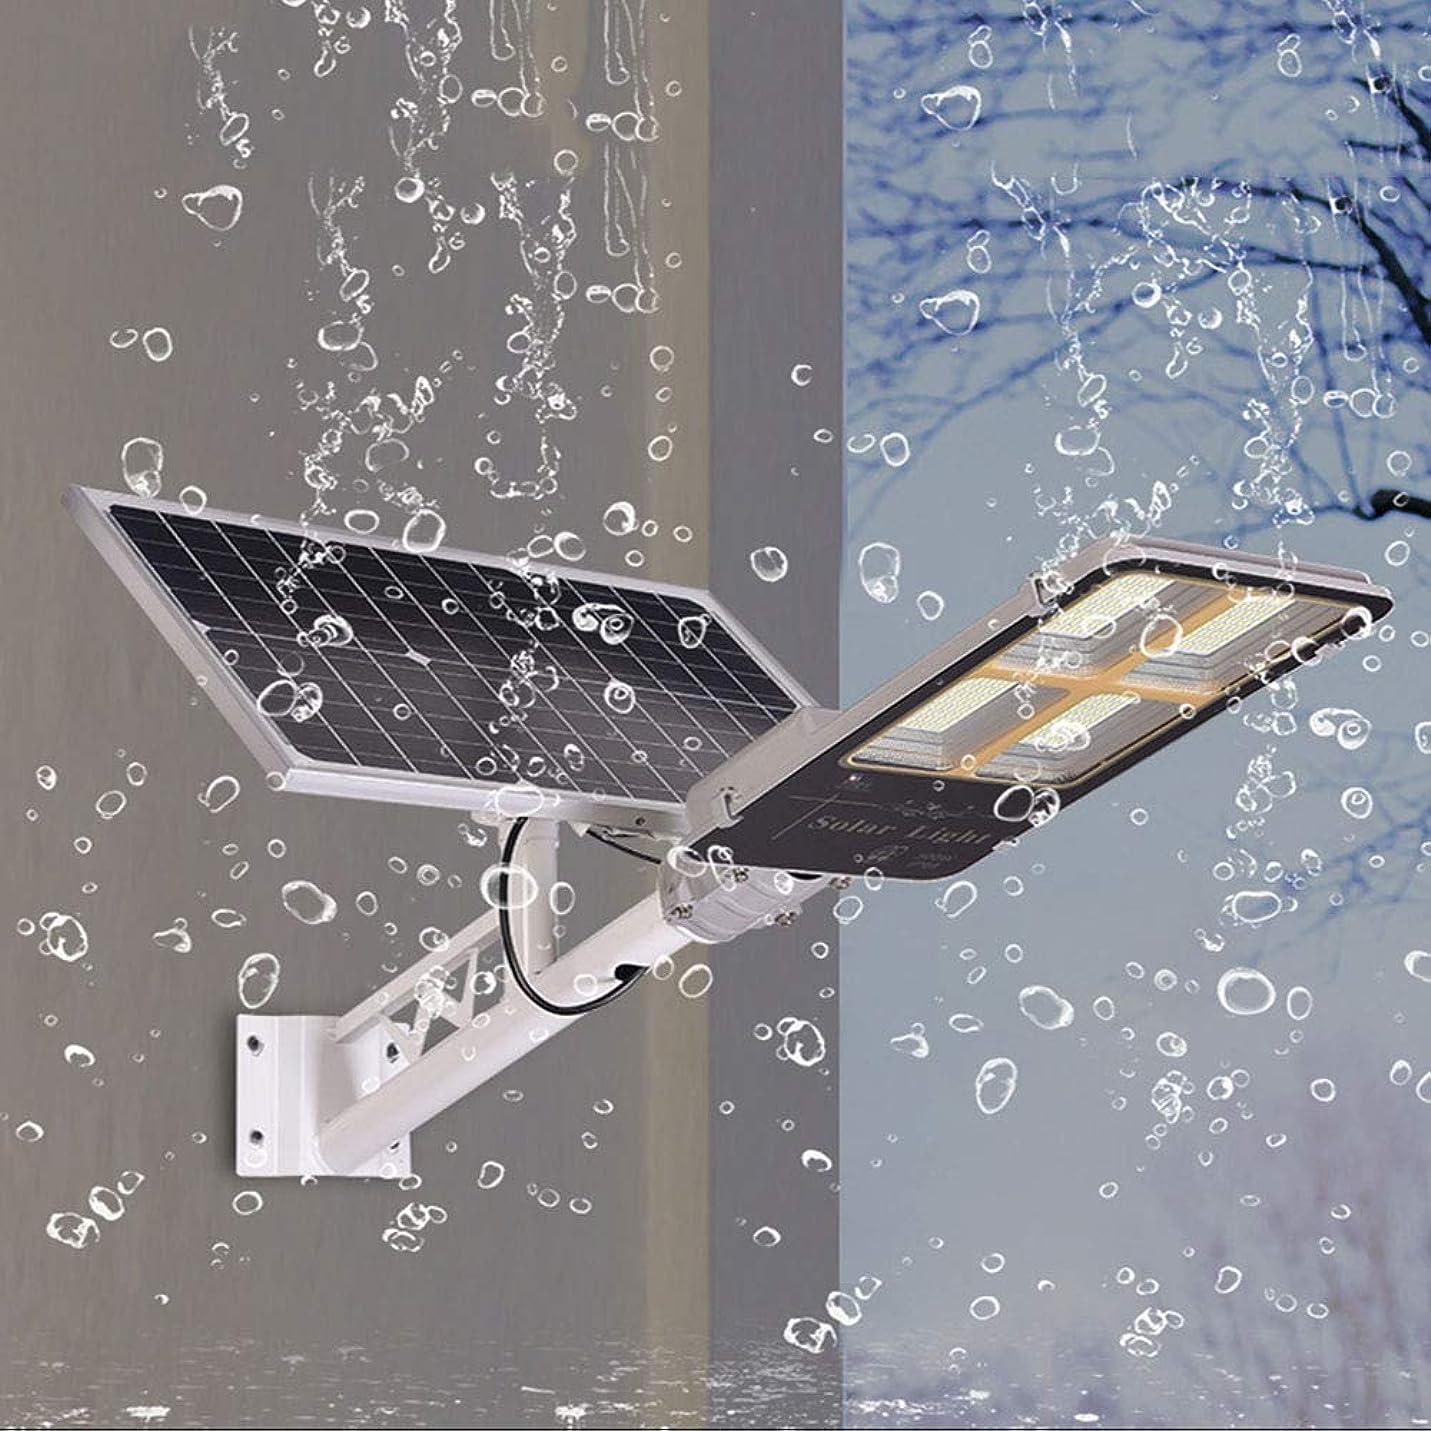 参照金貸しカウントアップソーラーライト屋外中庭ライト家庭用統合6メートル超明るい照明